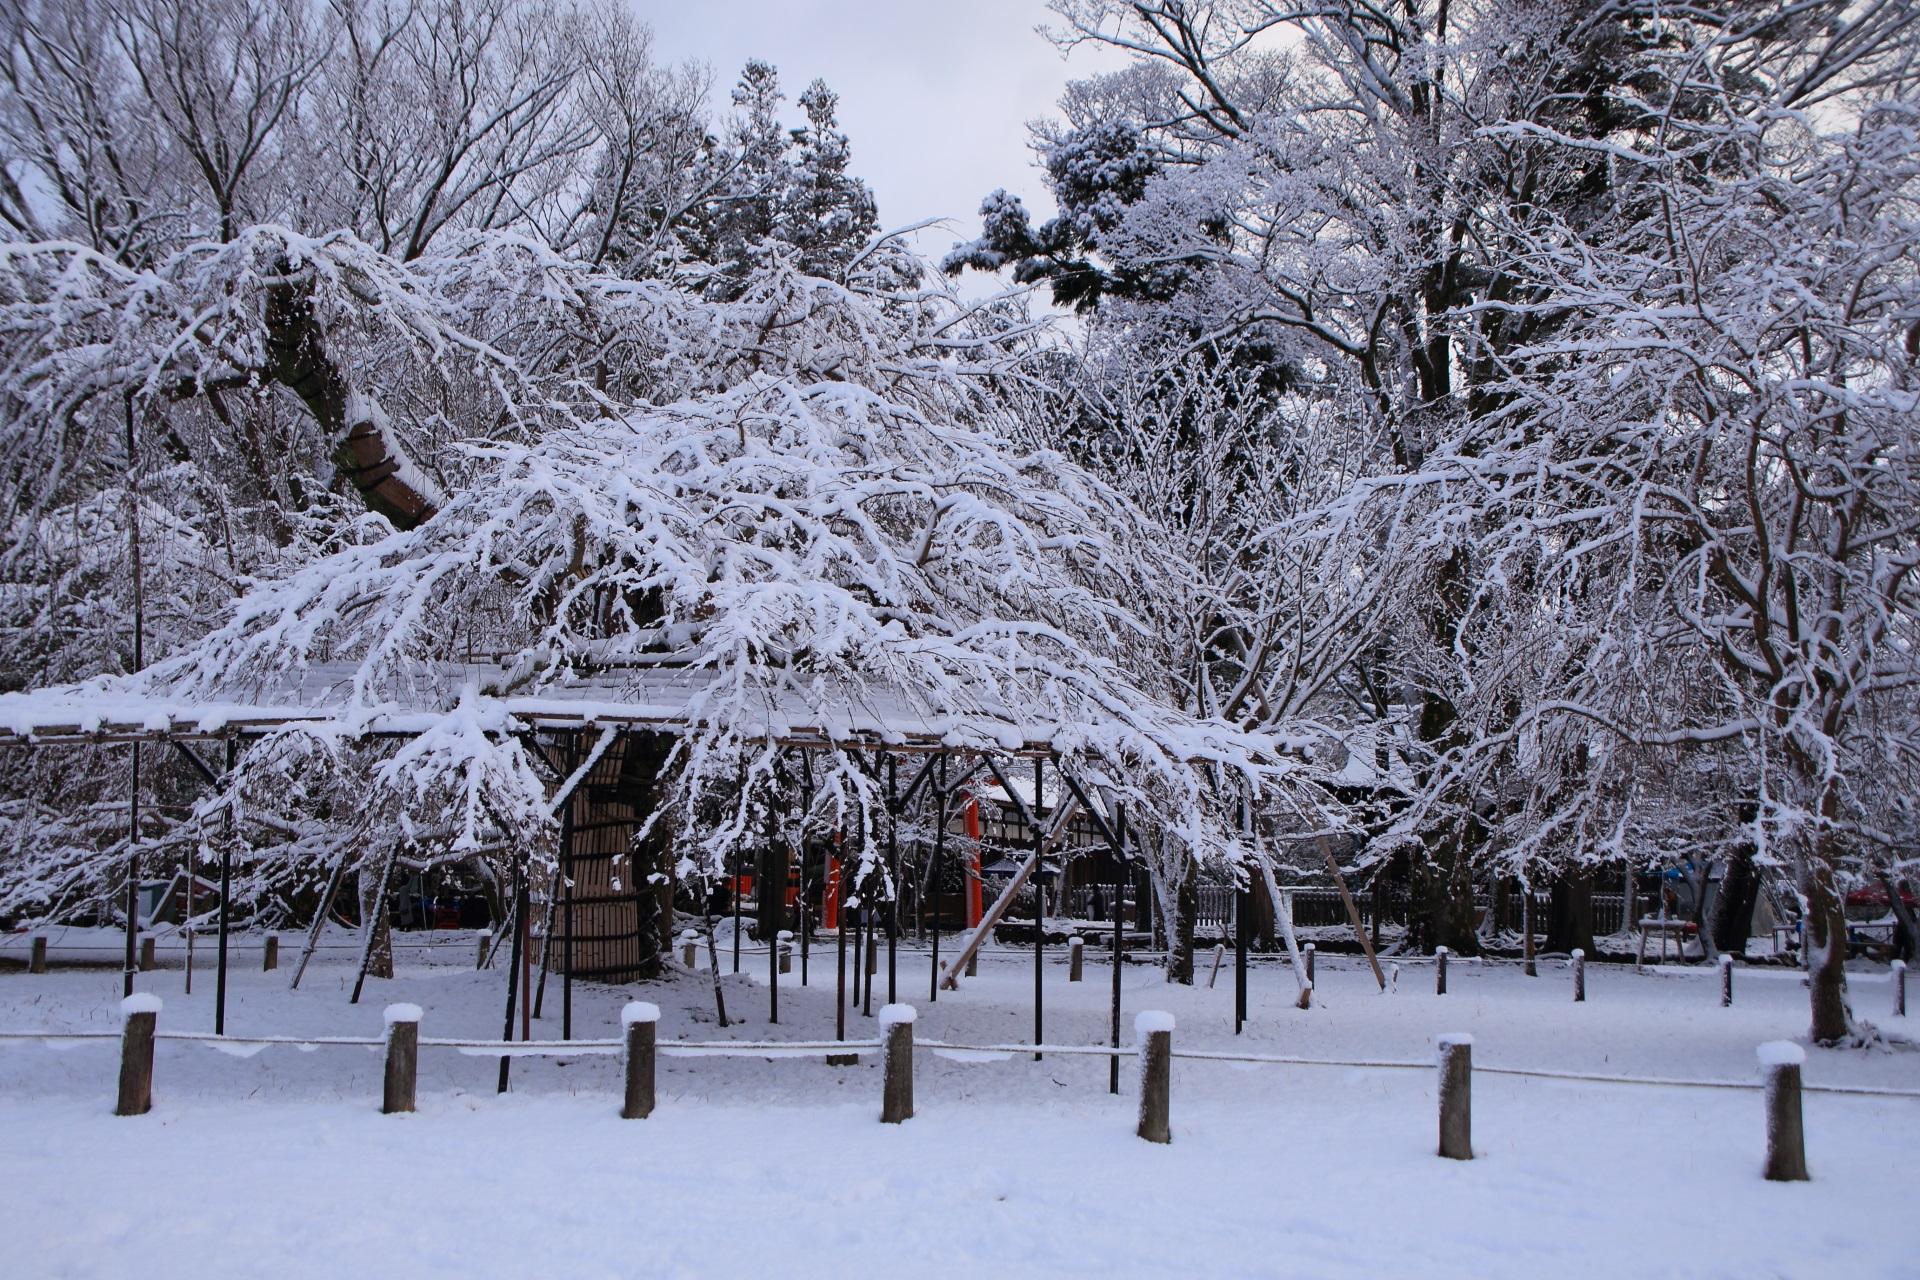 上賀茂神社のこぼれ落ちんばかりに咲き誇る雪の花